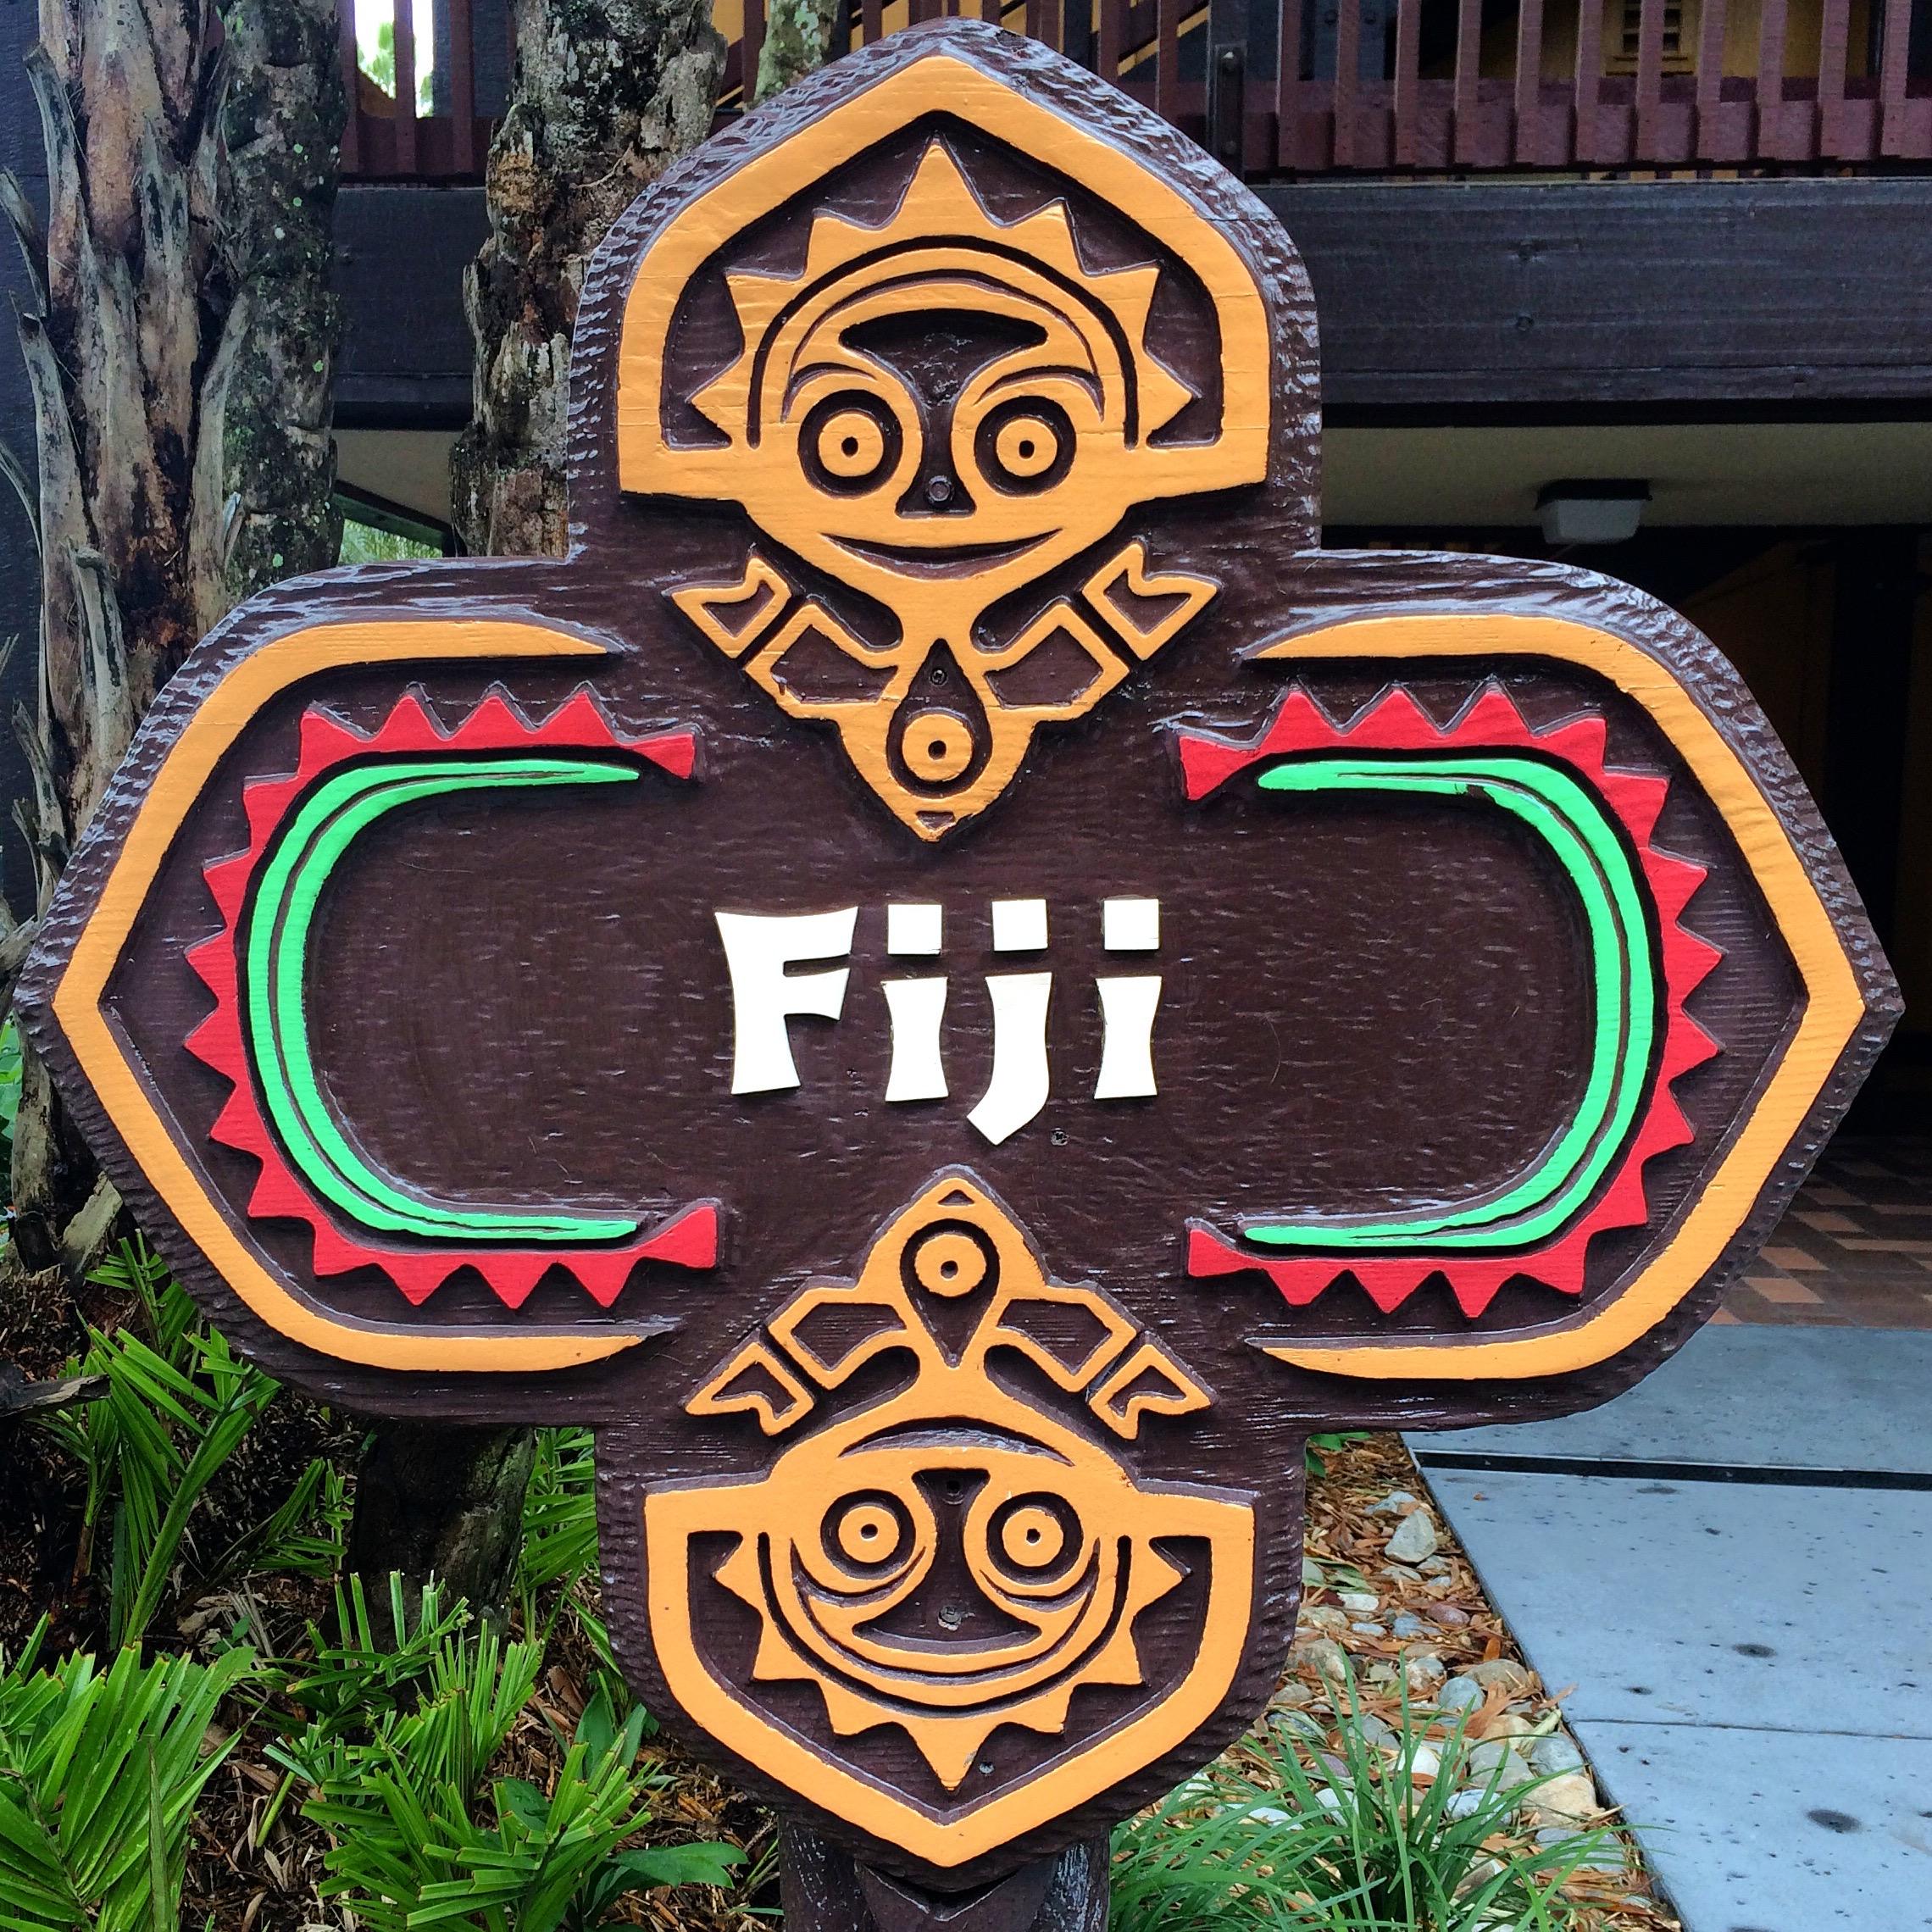 polynesian-village-resort-fiji-sign.jpg